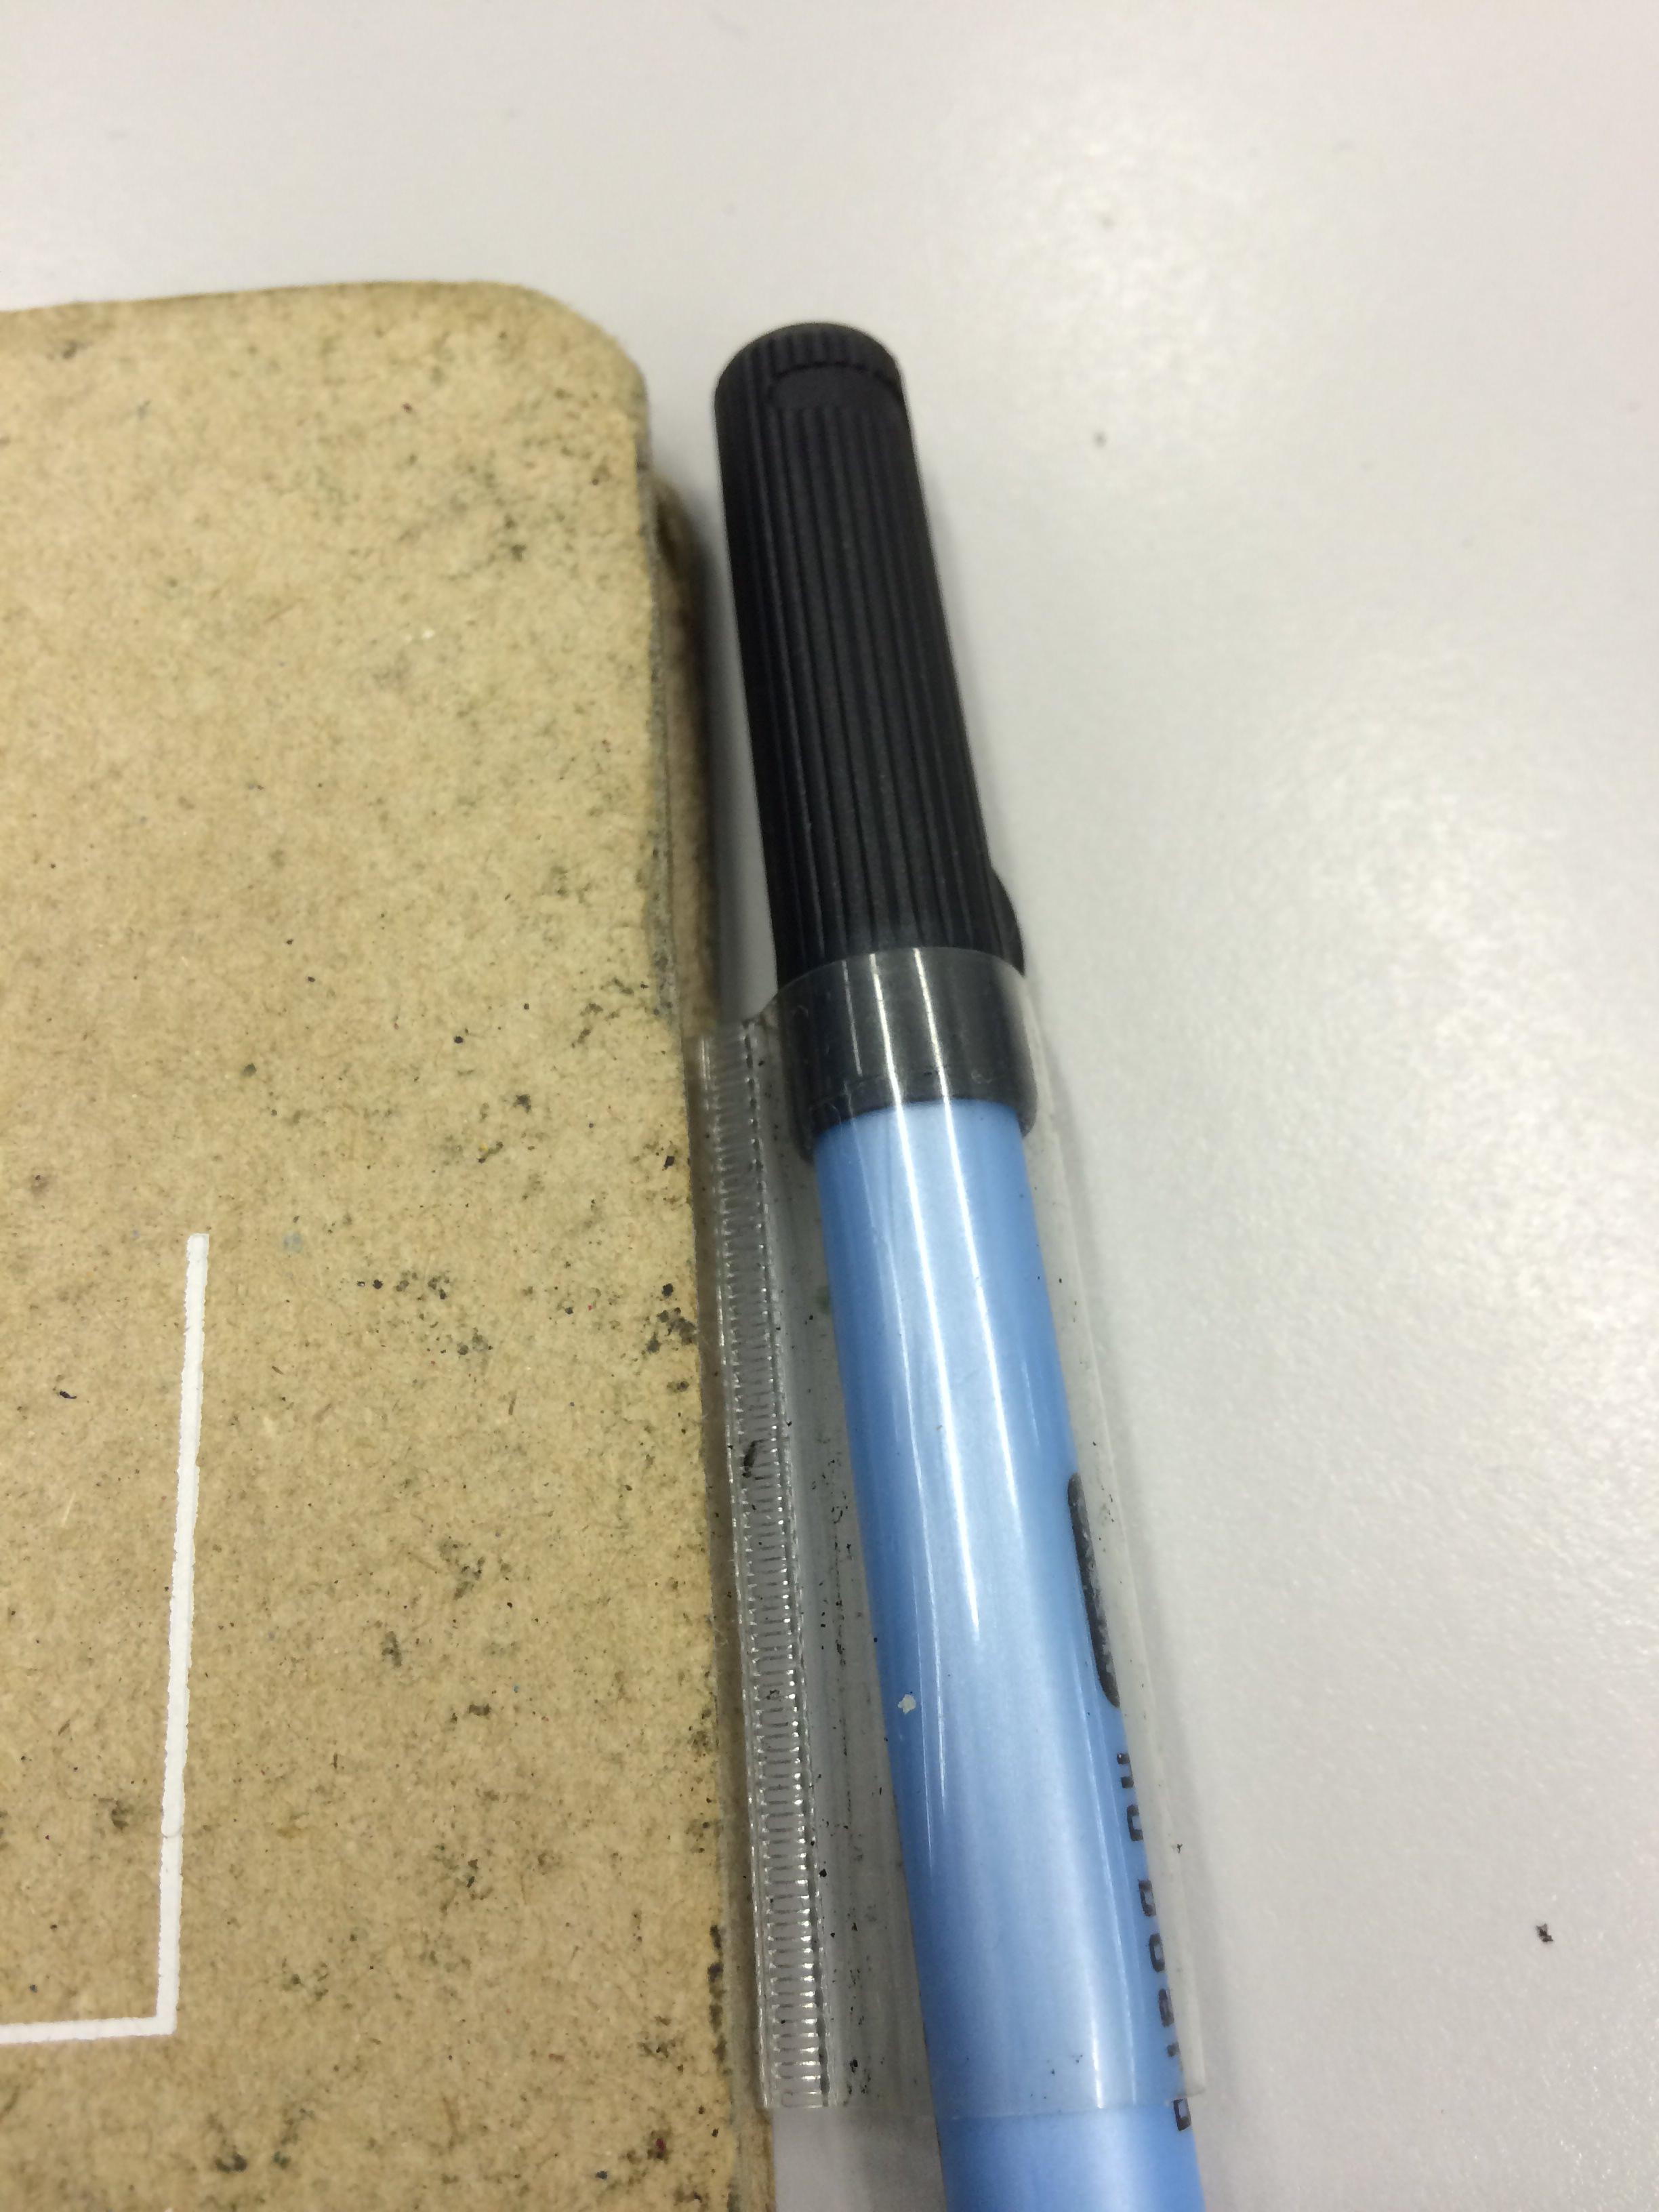 噂の?nu board 0.6mmペンを使ってみたぞ。書きやすくなって消えにくくなった